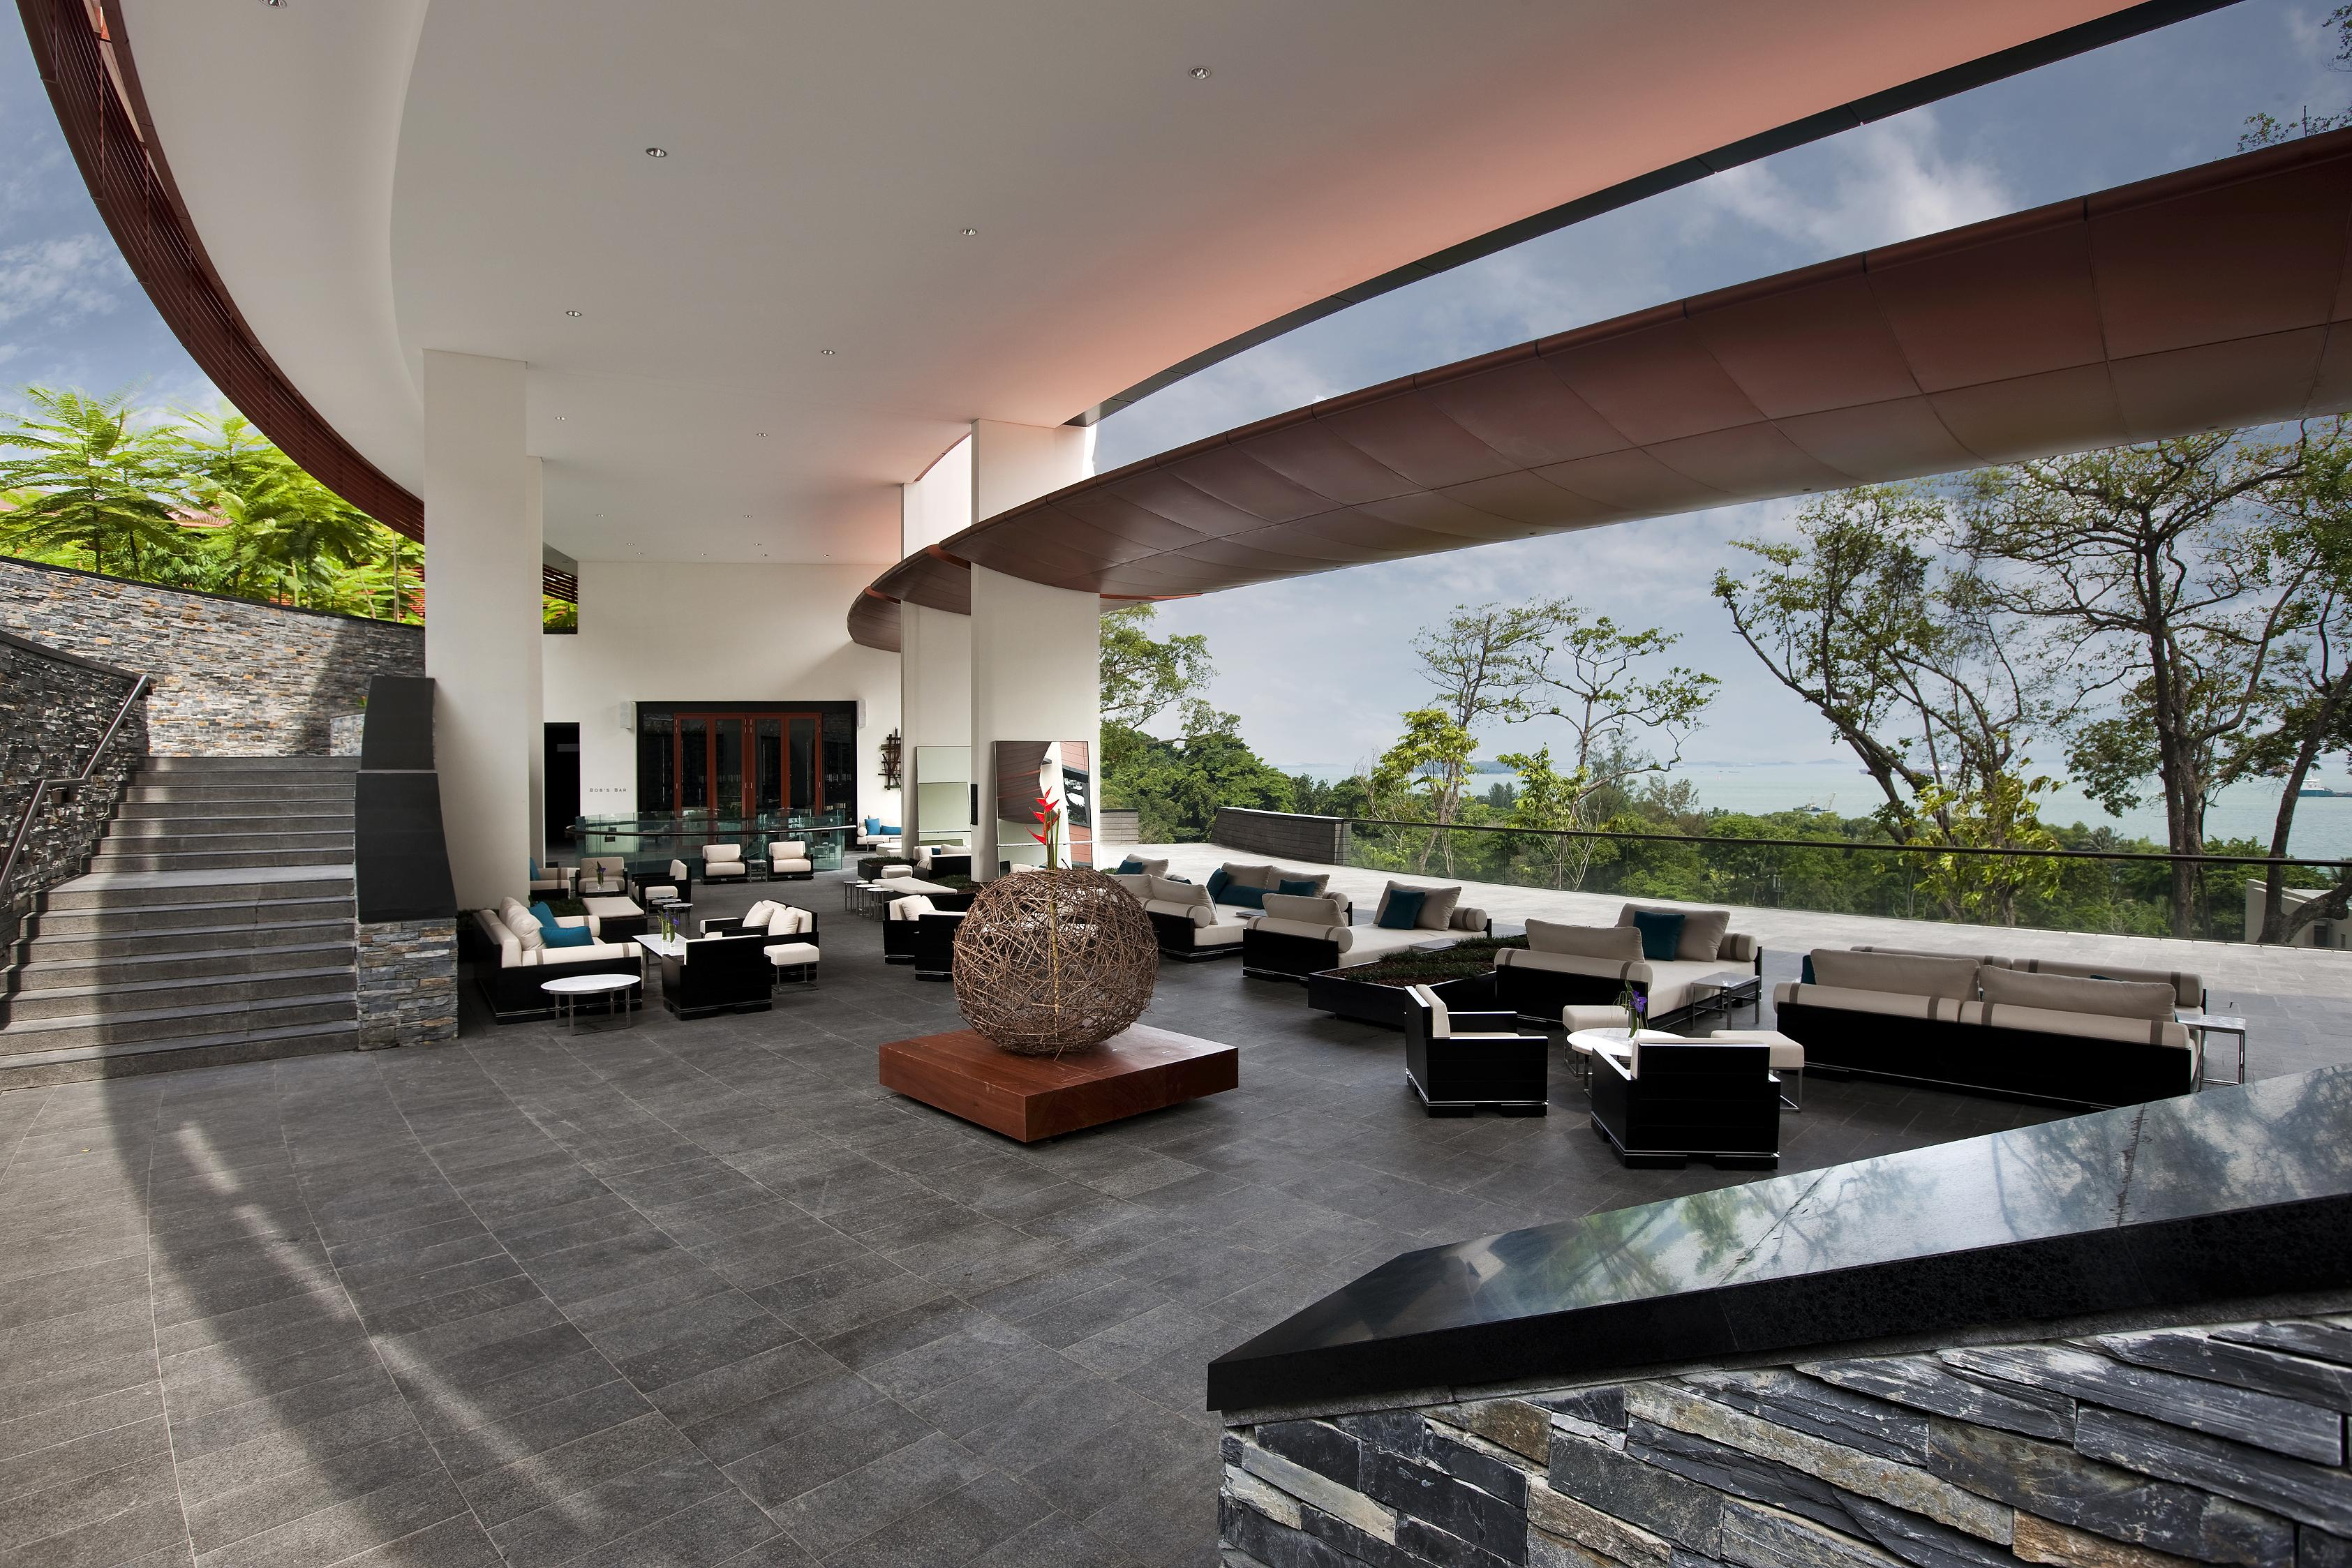 capella-singapore_bobs-bar-terrace-mid-res